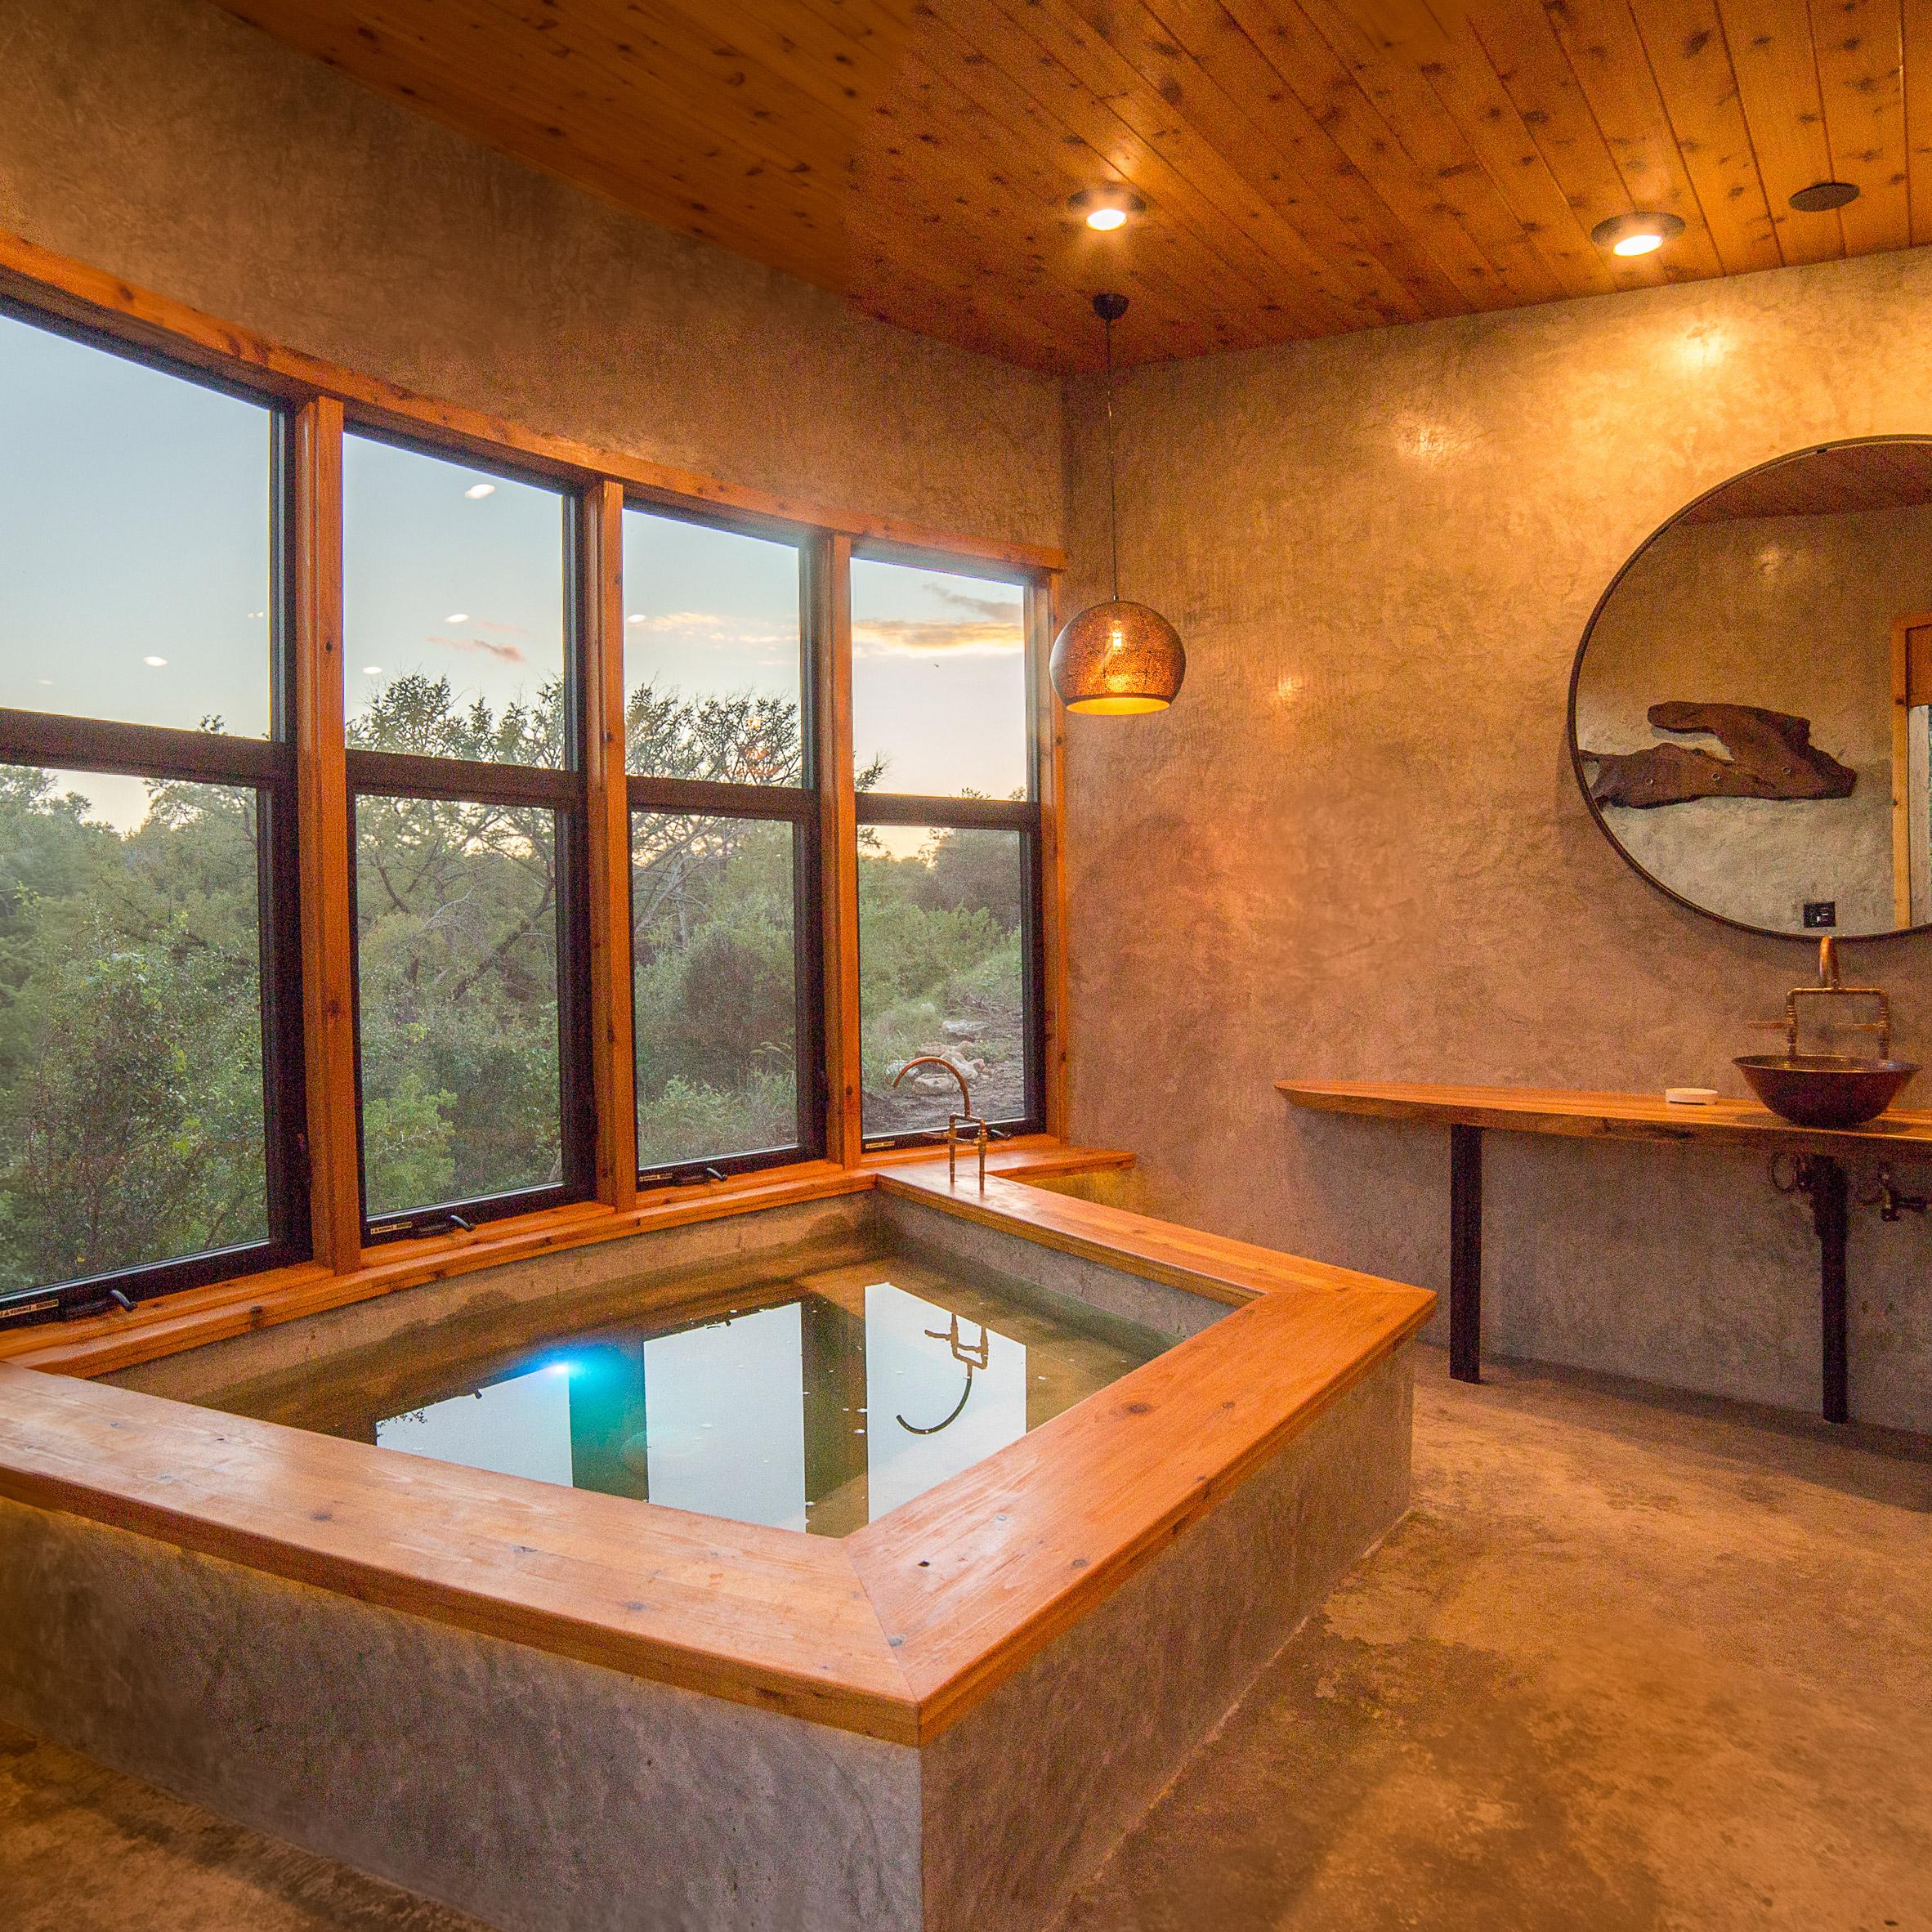 La sala de baños / Smiling Forest/ArtisTree